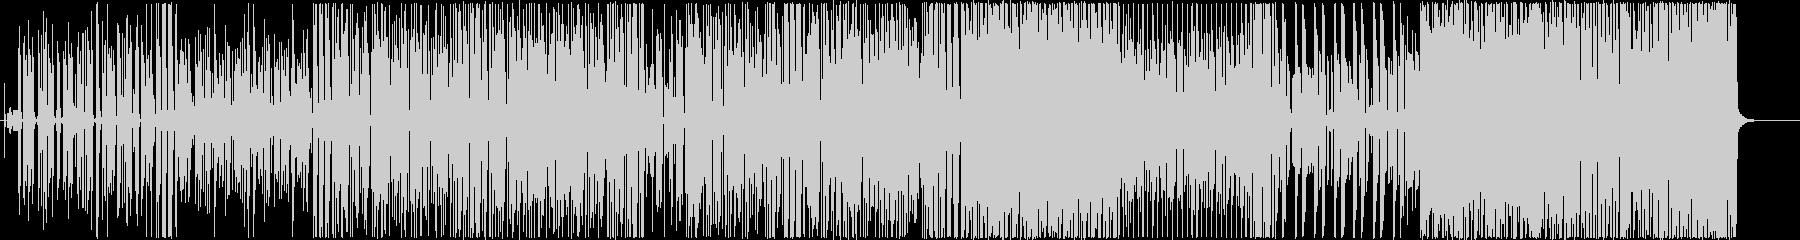 かいじゅうファンクの未再生の波形